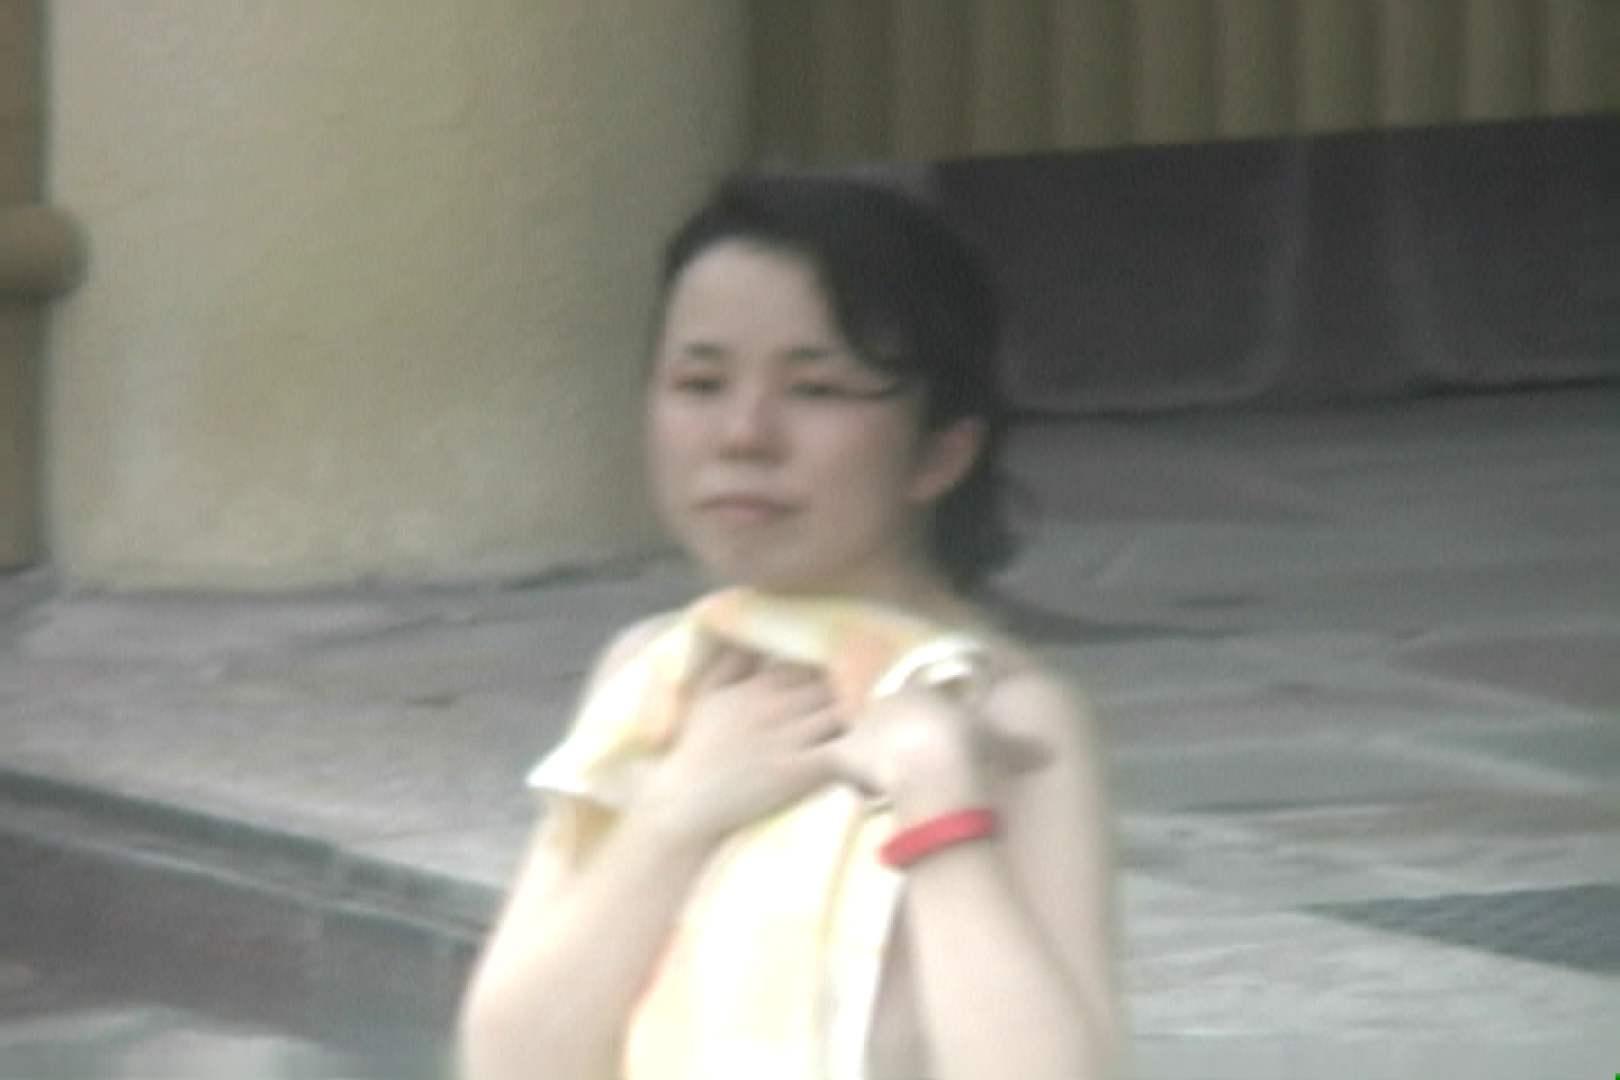 高画質露天女風呂観察 vol.007 望遠映像 アダルト動画キャプチャ 104PIX 101